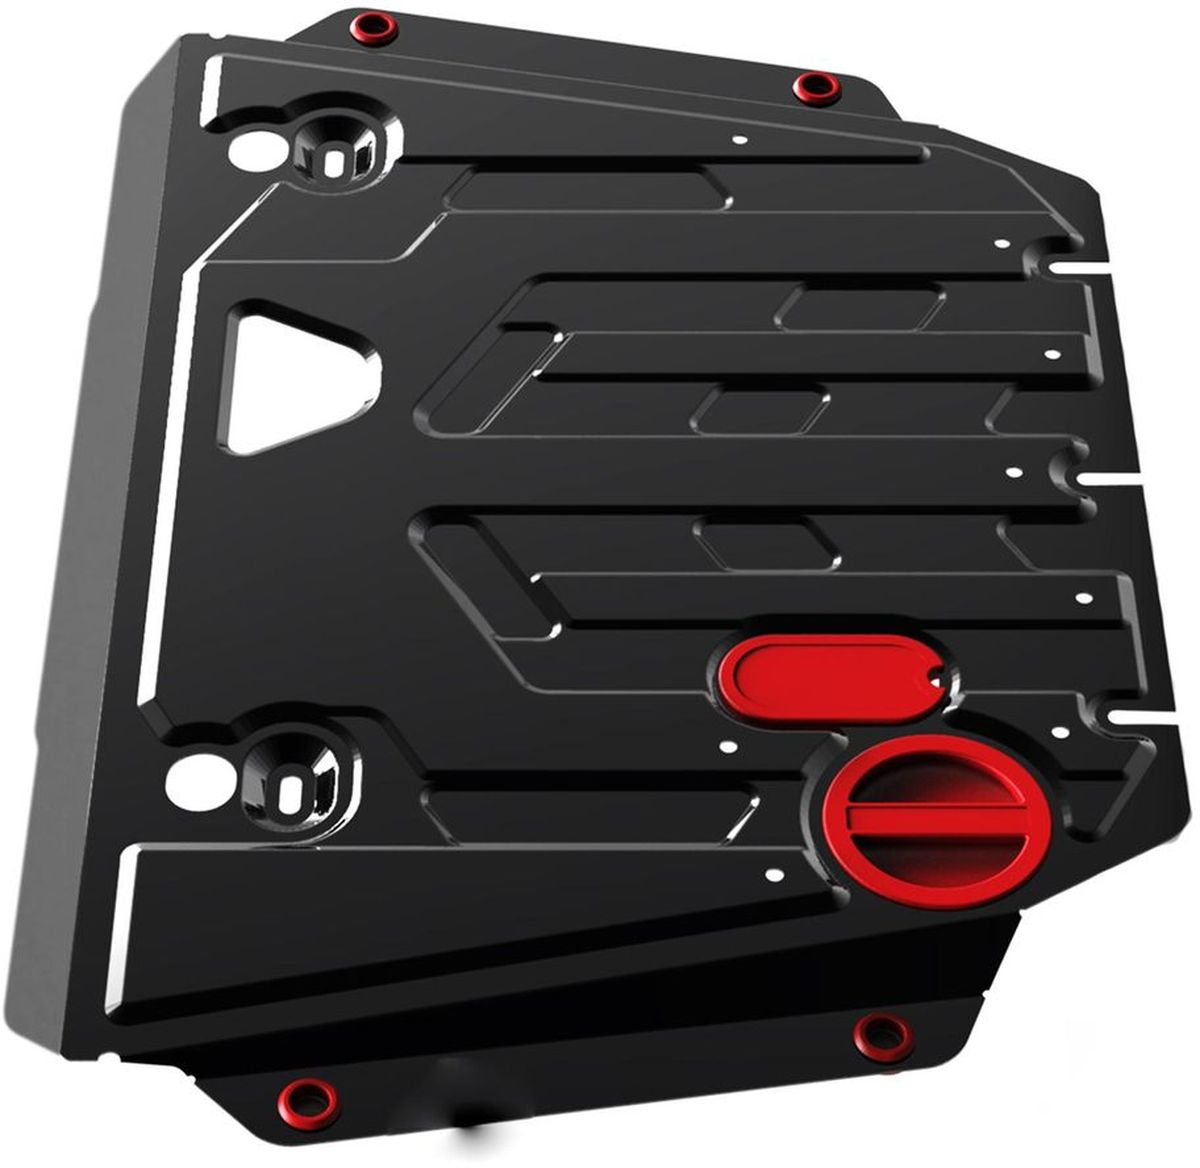 Защита картера и КПП Автоброня, для Tagaz Vortex Corda V - 1,5 (2010-)1004900000360Технологически совершенный продукт за невысокую стоимость.Защита разработана с учетом особенностей днища автомобиля, что позволяет сохранить дорожный просвет с минимальным изменением.Защита устанавливается в штатные места кузова автомобиля. Глубокий штамп обеспечивает до двух раз больше жесткости в сравнении с обычной защитой той же толщины. Проштампованные ребра жесткости препятствуют деформации защиты при ударах.Тепловой зазор и вентиляционные отверстия обеспечивают сохранение температурного режима двигателя в норме. Скрытый крепеж предотвращает срыв крепежных элементов при наезде на препятствие.Шумопоглощающие резиновые элементы обеспечивают комфортную езду без вибраций и скрежета металла, а съемные лючки для слива масла и замены фильтра - экономию средств и время.Конструкция изделия не влияет на пассивную безопасность автомобиля (при ударе защита не воздействует на деформационные зоны кузова). Со штатным крепежом. В комплекте инструкция по установке.Толщина стали: 2 мм.Уважаемые клиенты!Обращаем ваше внимание, что элемент защиты имеет форму, соответствующую модели данного автомобиля. Фото служит для визуального восприятия товара и может отличаться от фактического.